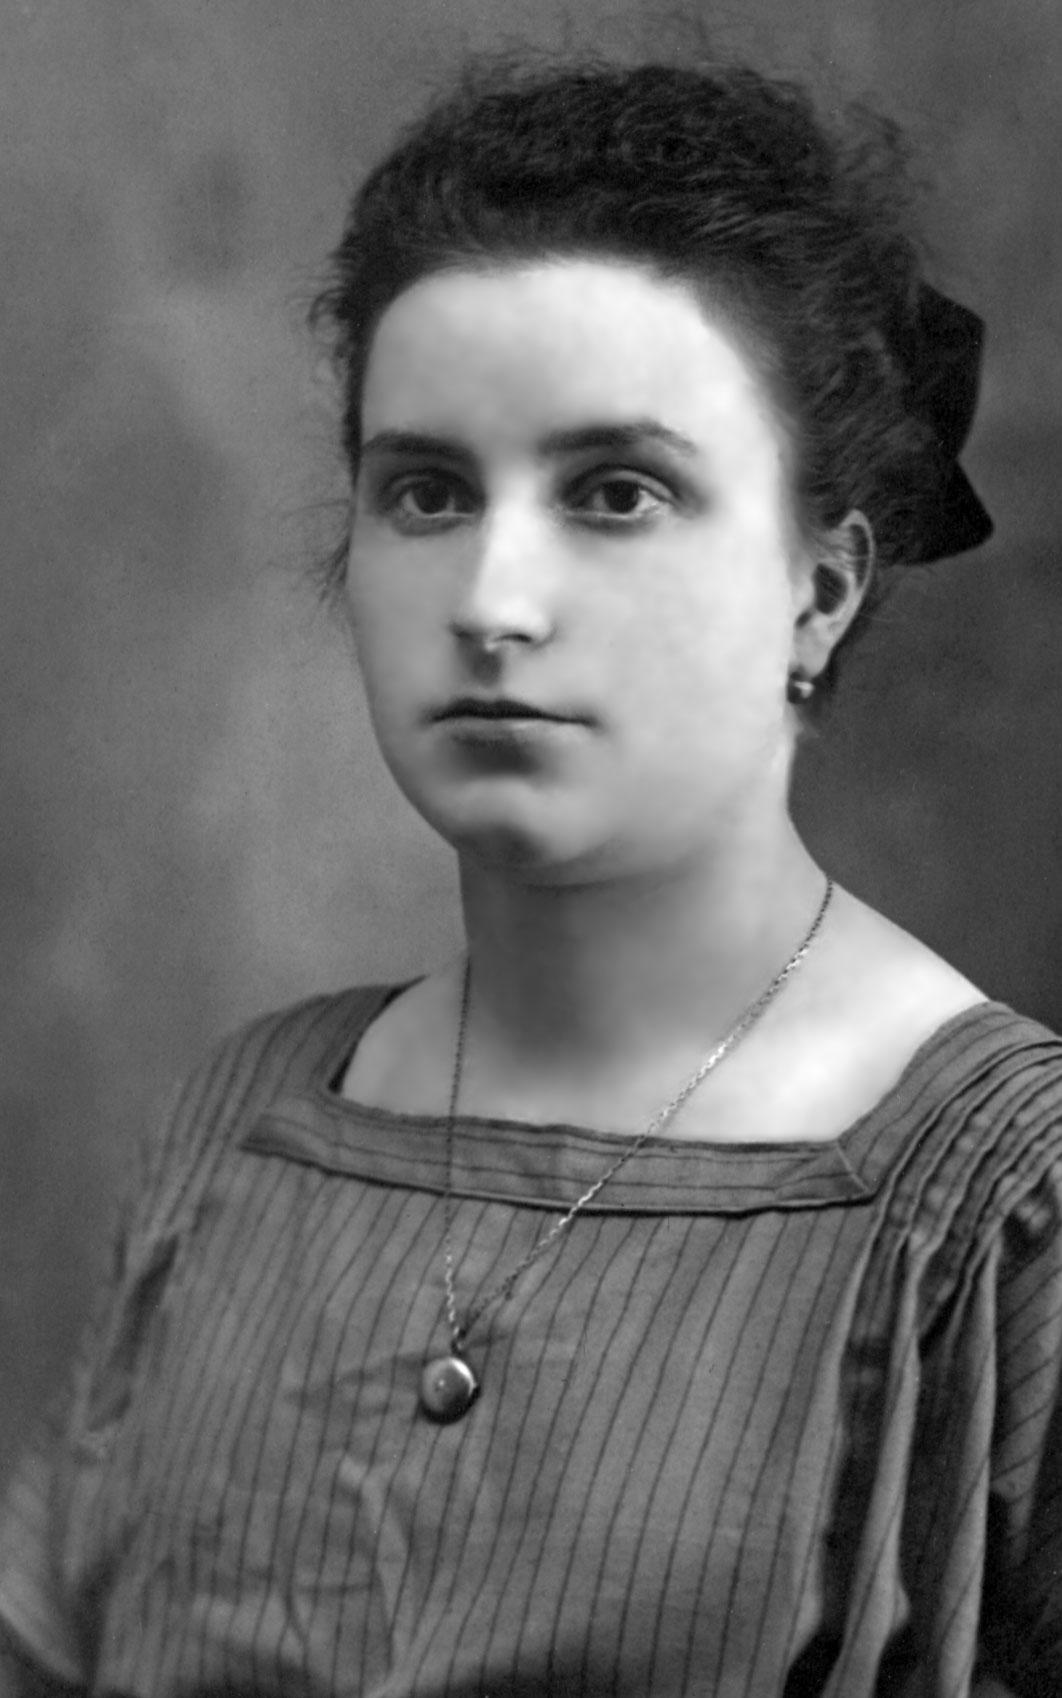 Maria Valtorta à 25 ans en 1922